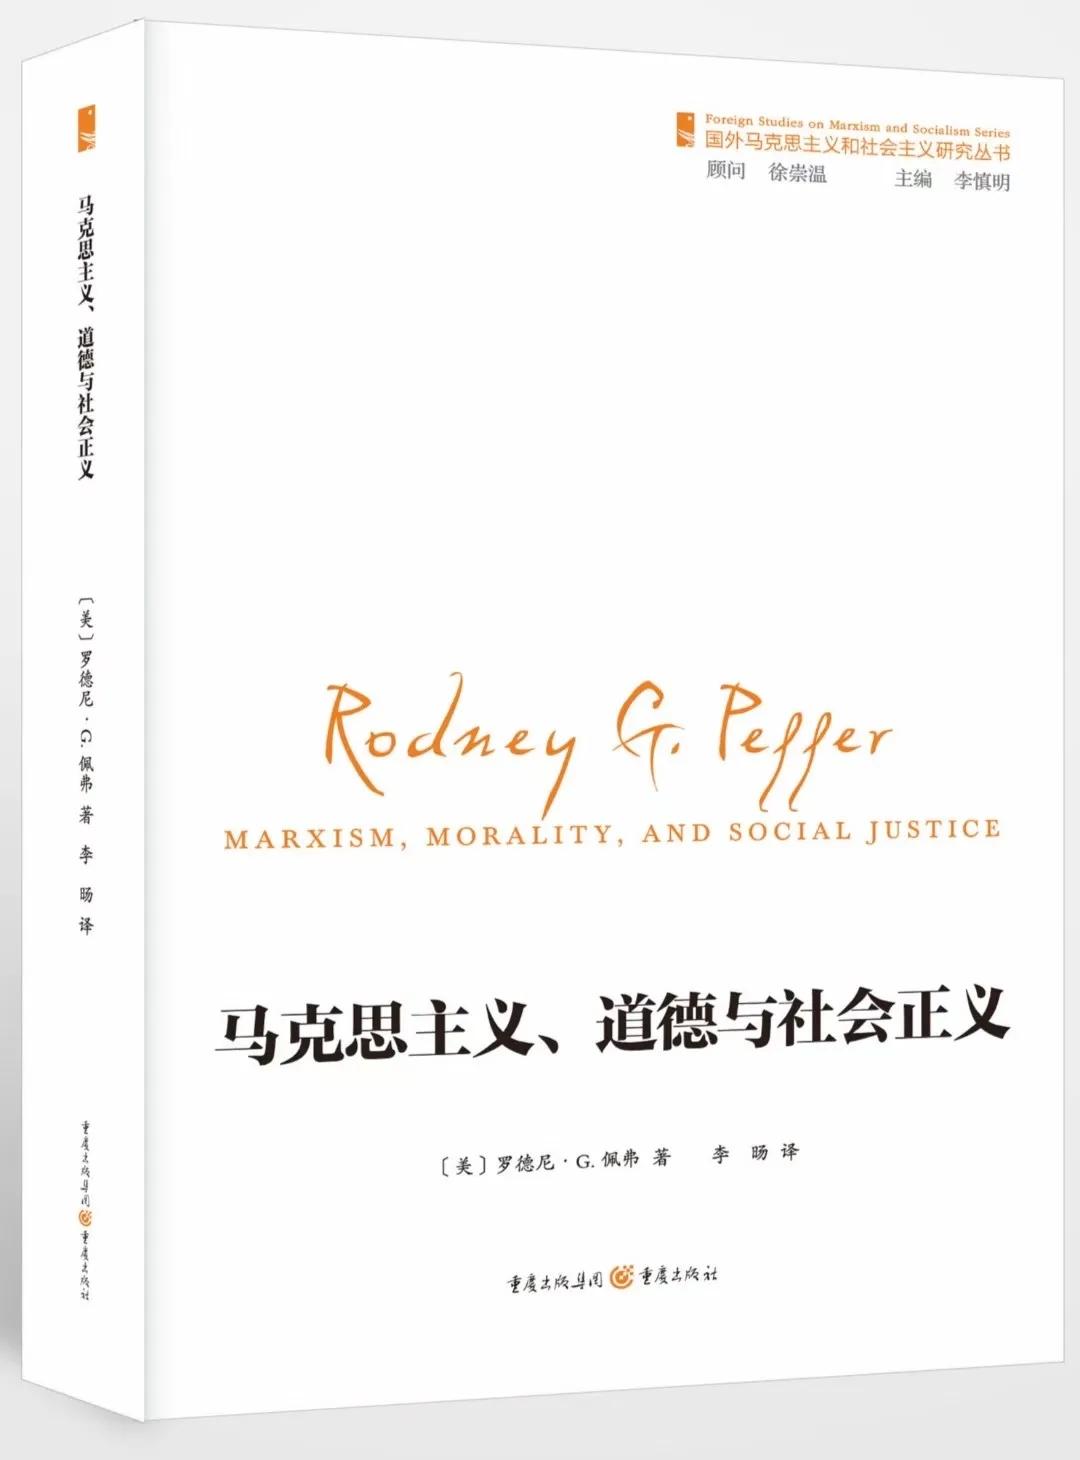 《马克思主义、道德与社会正义》(图)